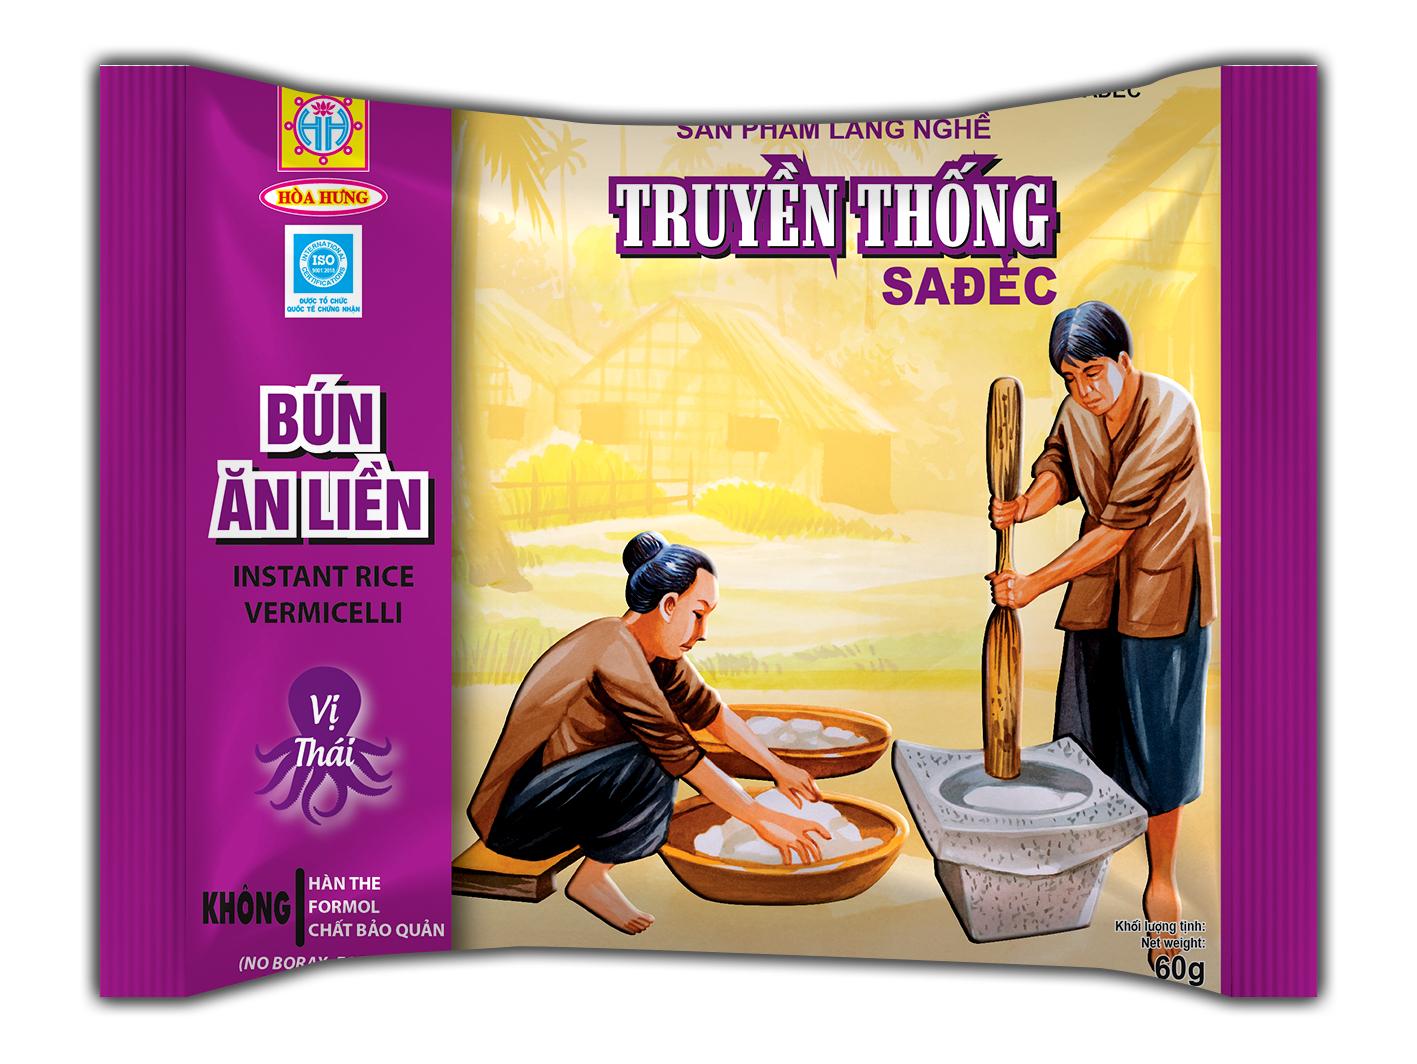 Bún vị Thái